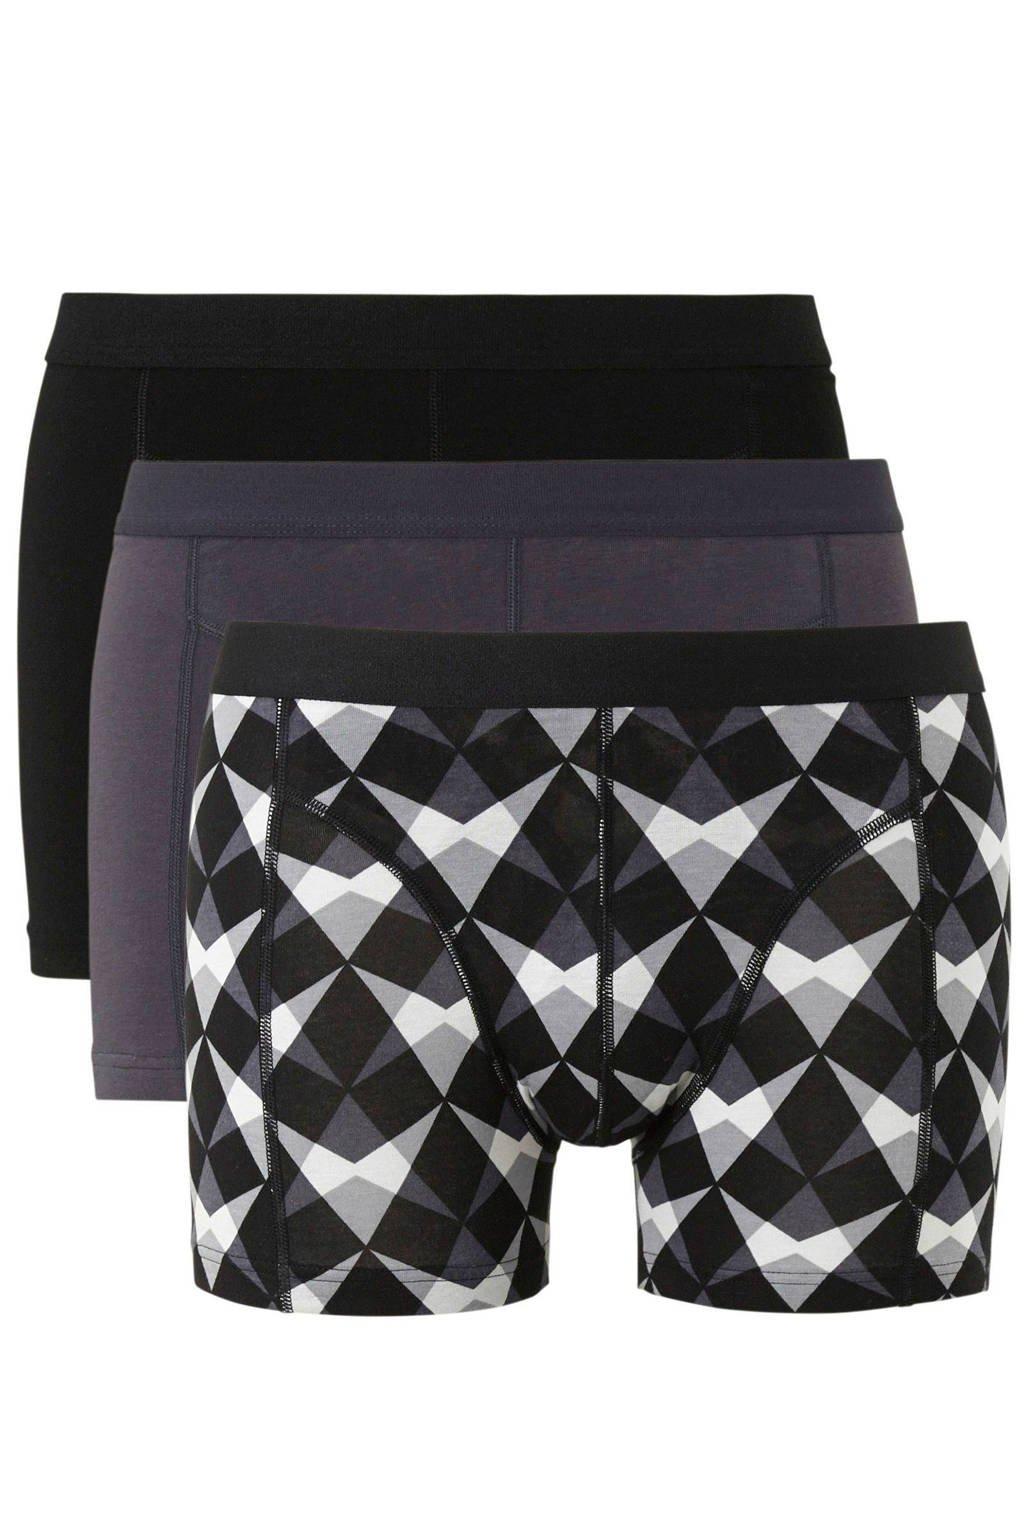 whkmp's own boxershort (set van 3), Zwart/grijs/wit